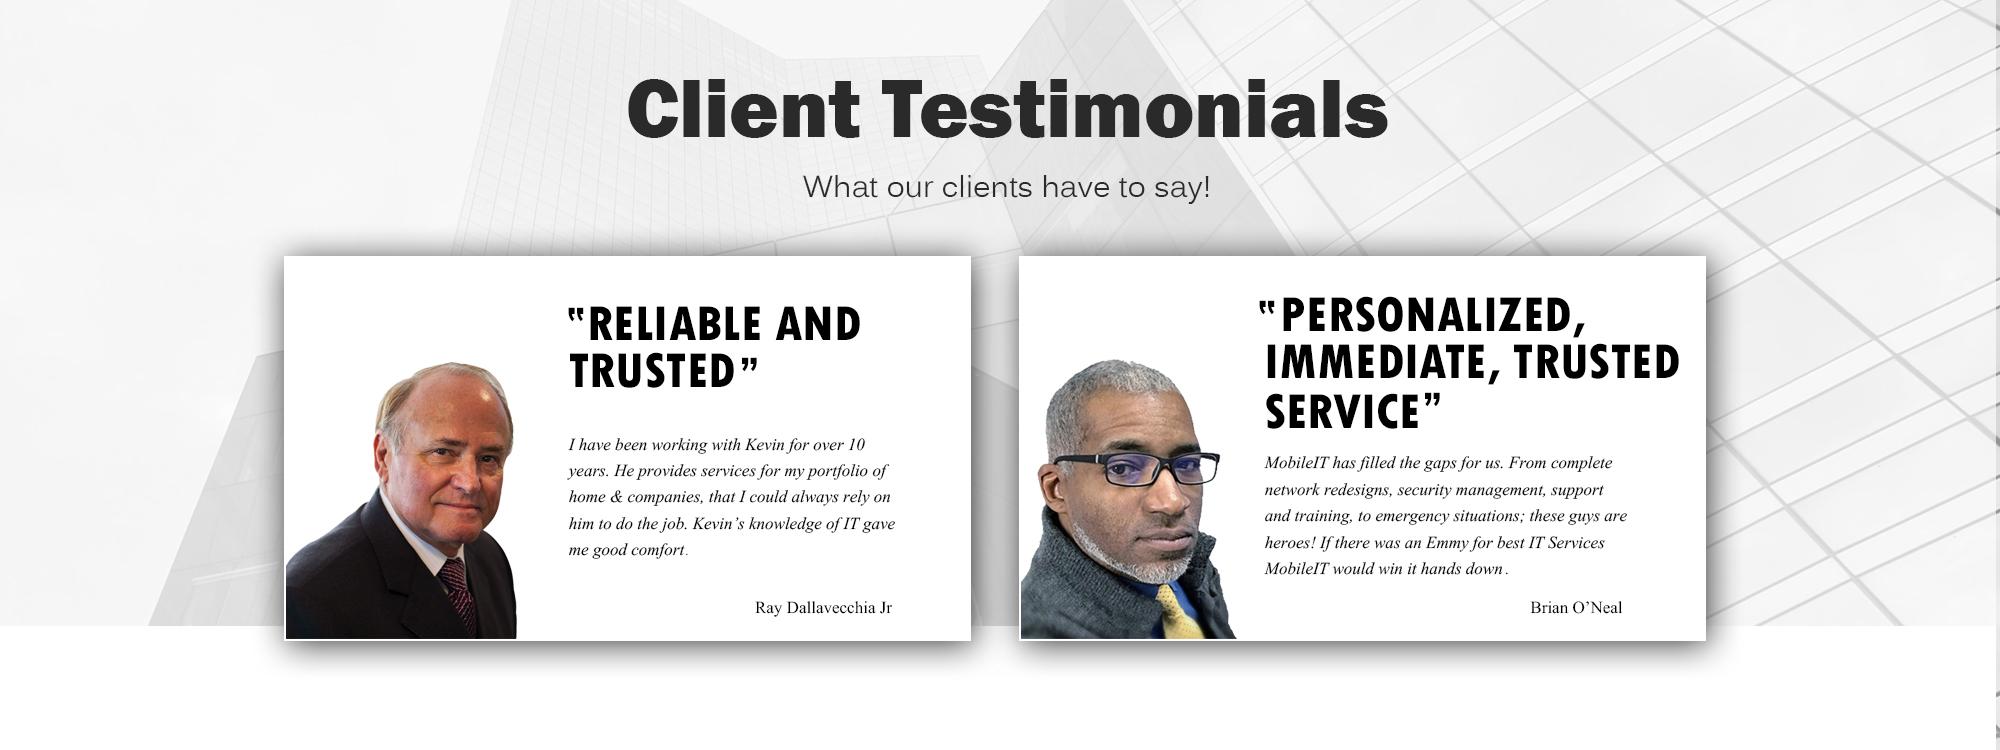 clienttestimonials.jpg